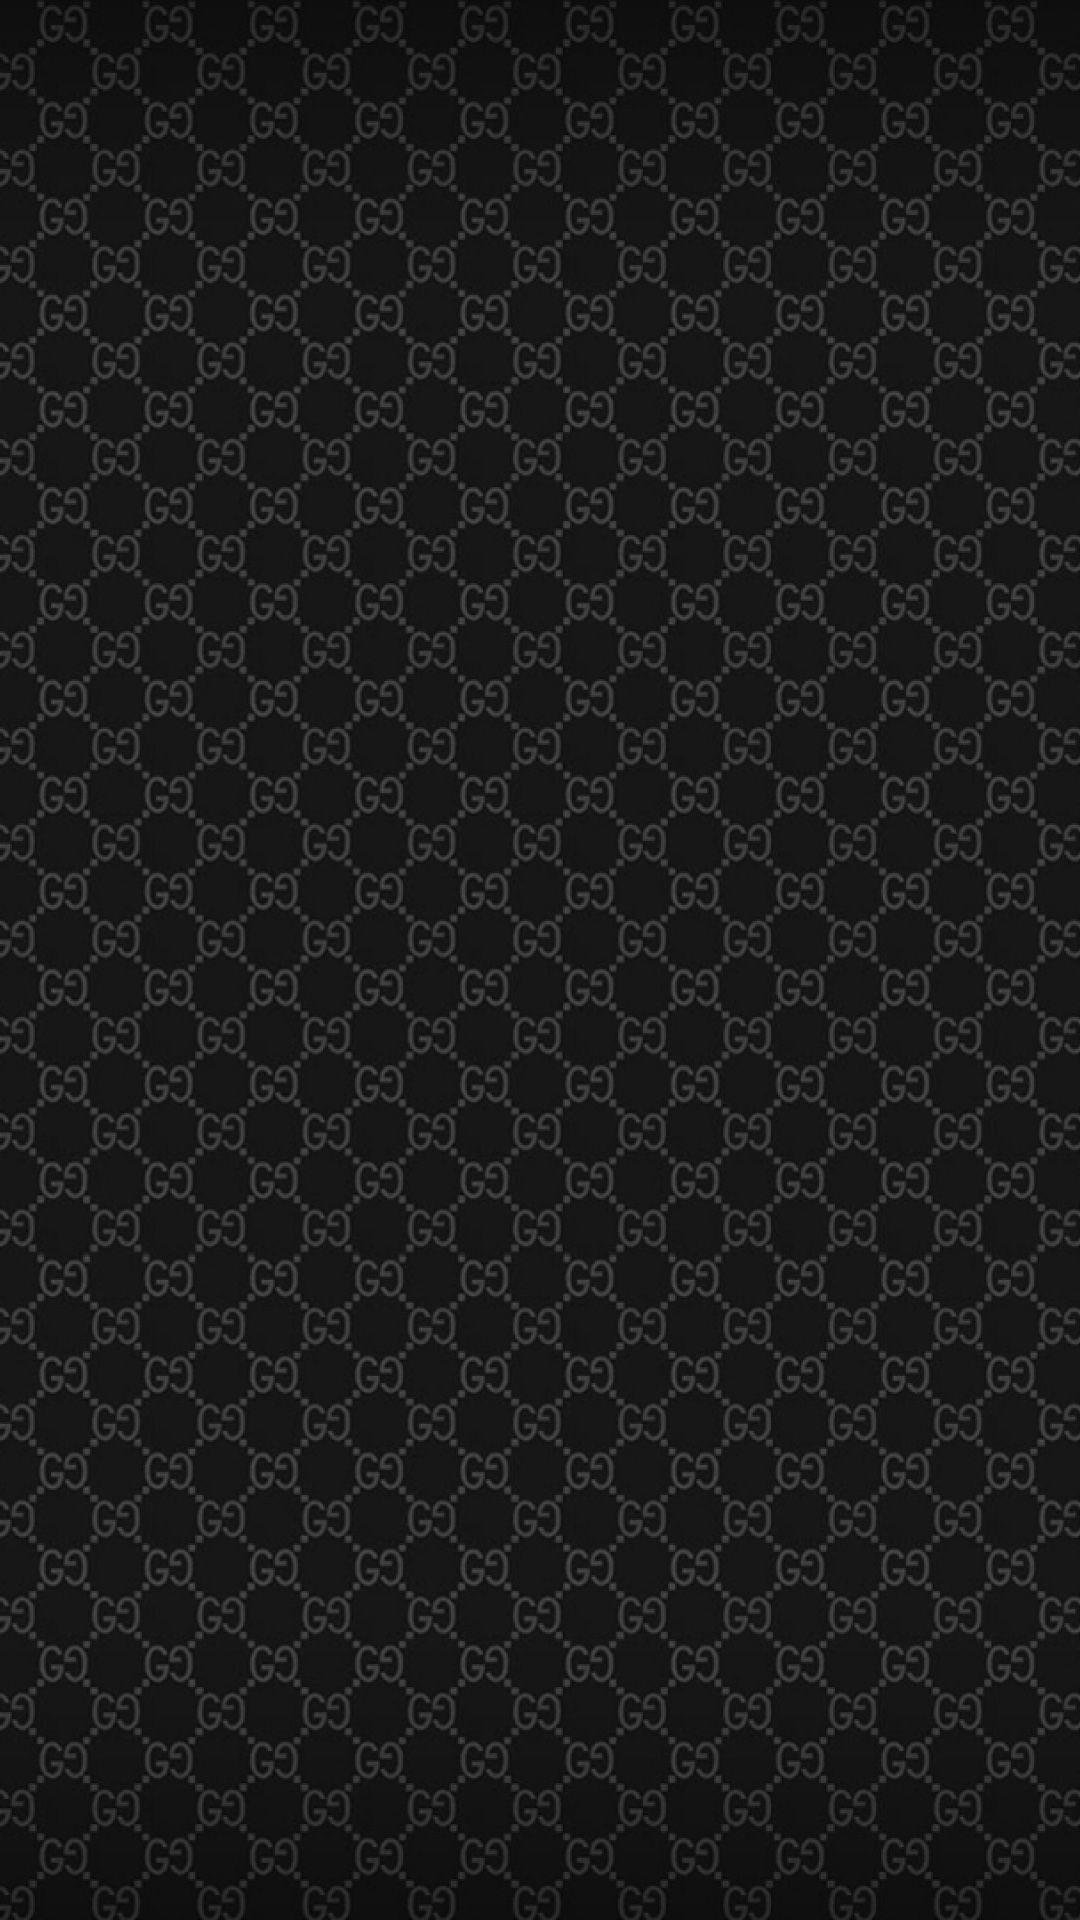 1080x1920 Gucci Pattern iPhone Wallpaper HD 배경, 배경화면